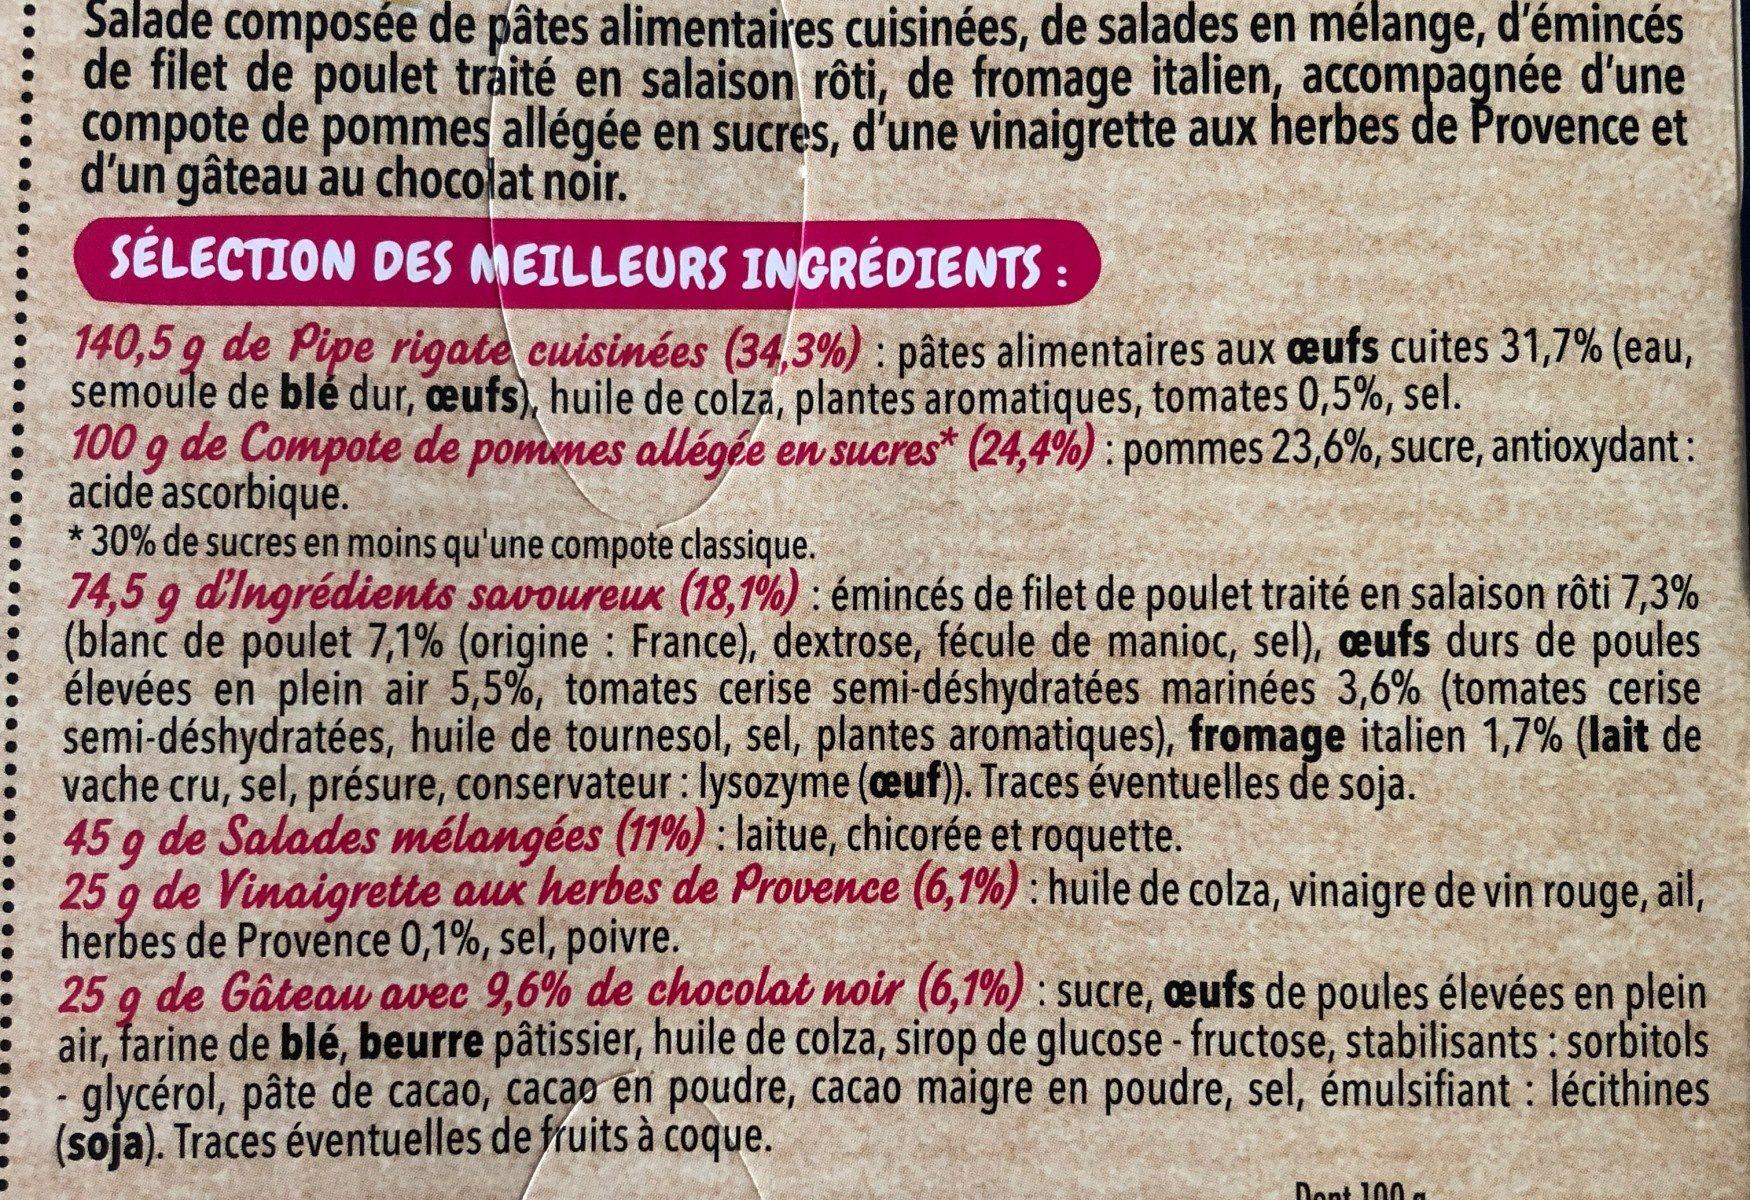 Salade et pipe rigate poulet roti - Ingrédients